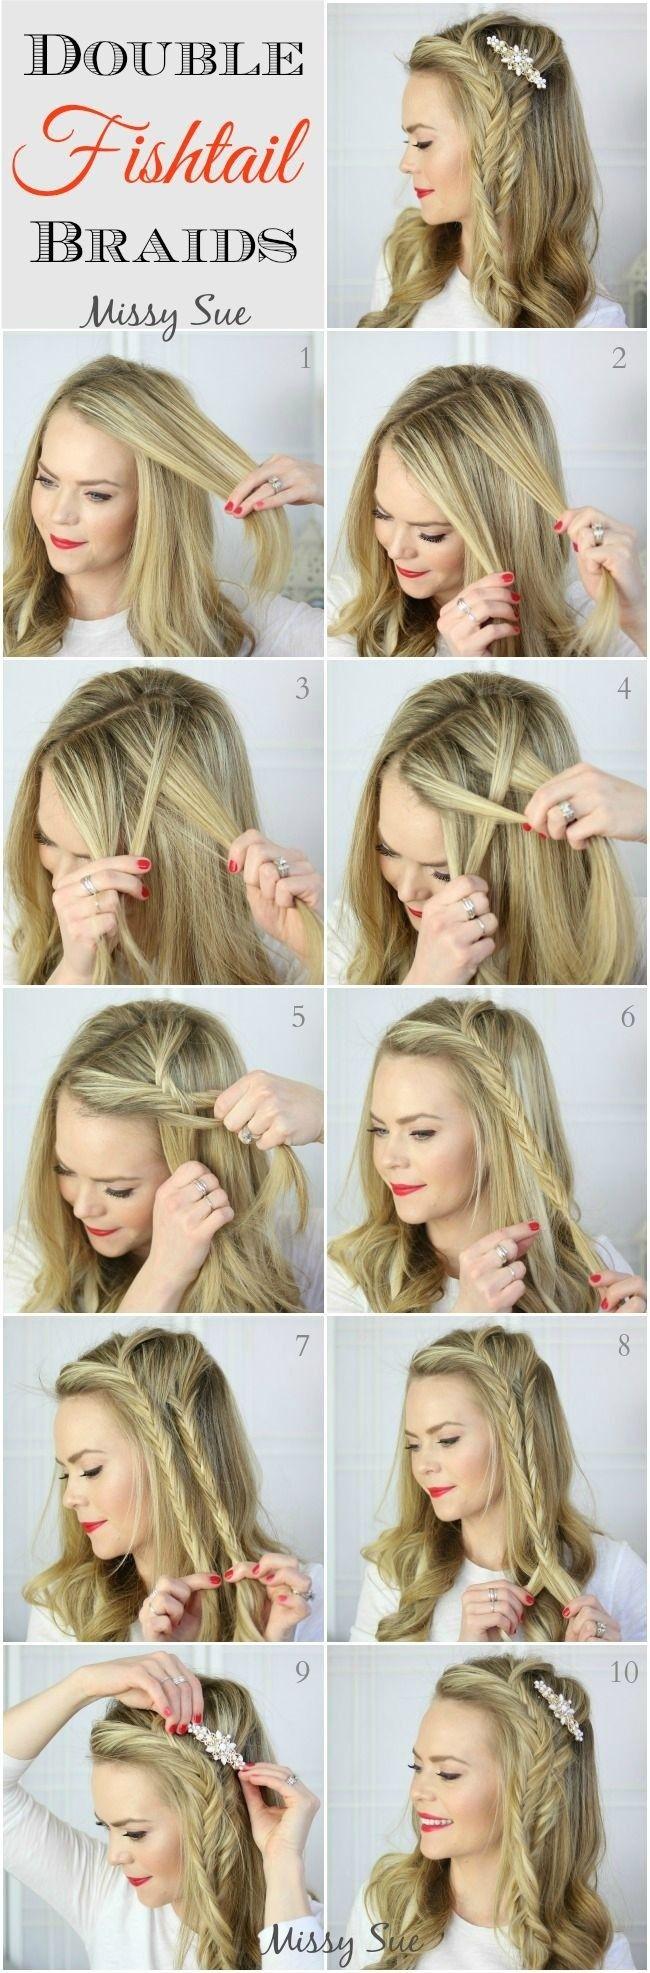 10 French Braids Hairstyles Tutorials Everyday Hair Styles Frisuren Lange Haare Hochzeitsgast Flechtfrisur Lange Haare Oktoberfest Frisur